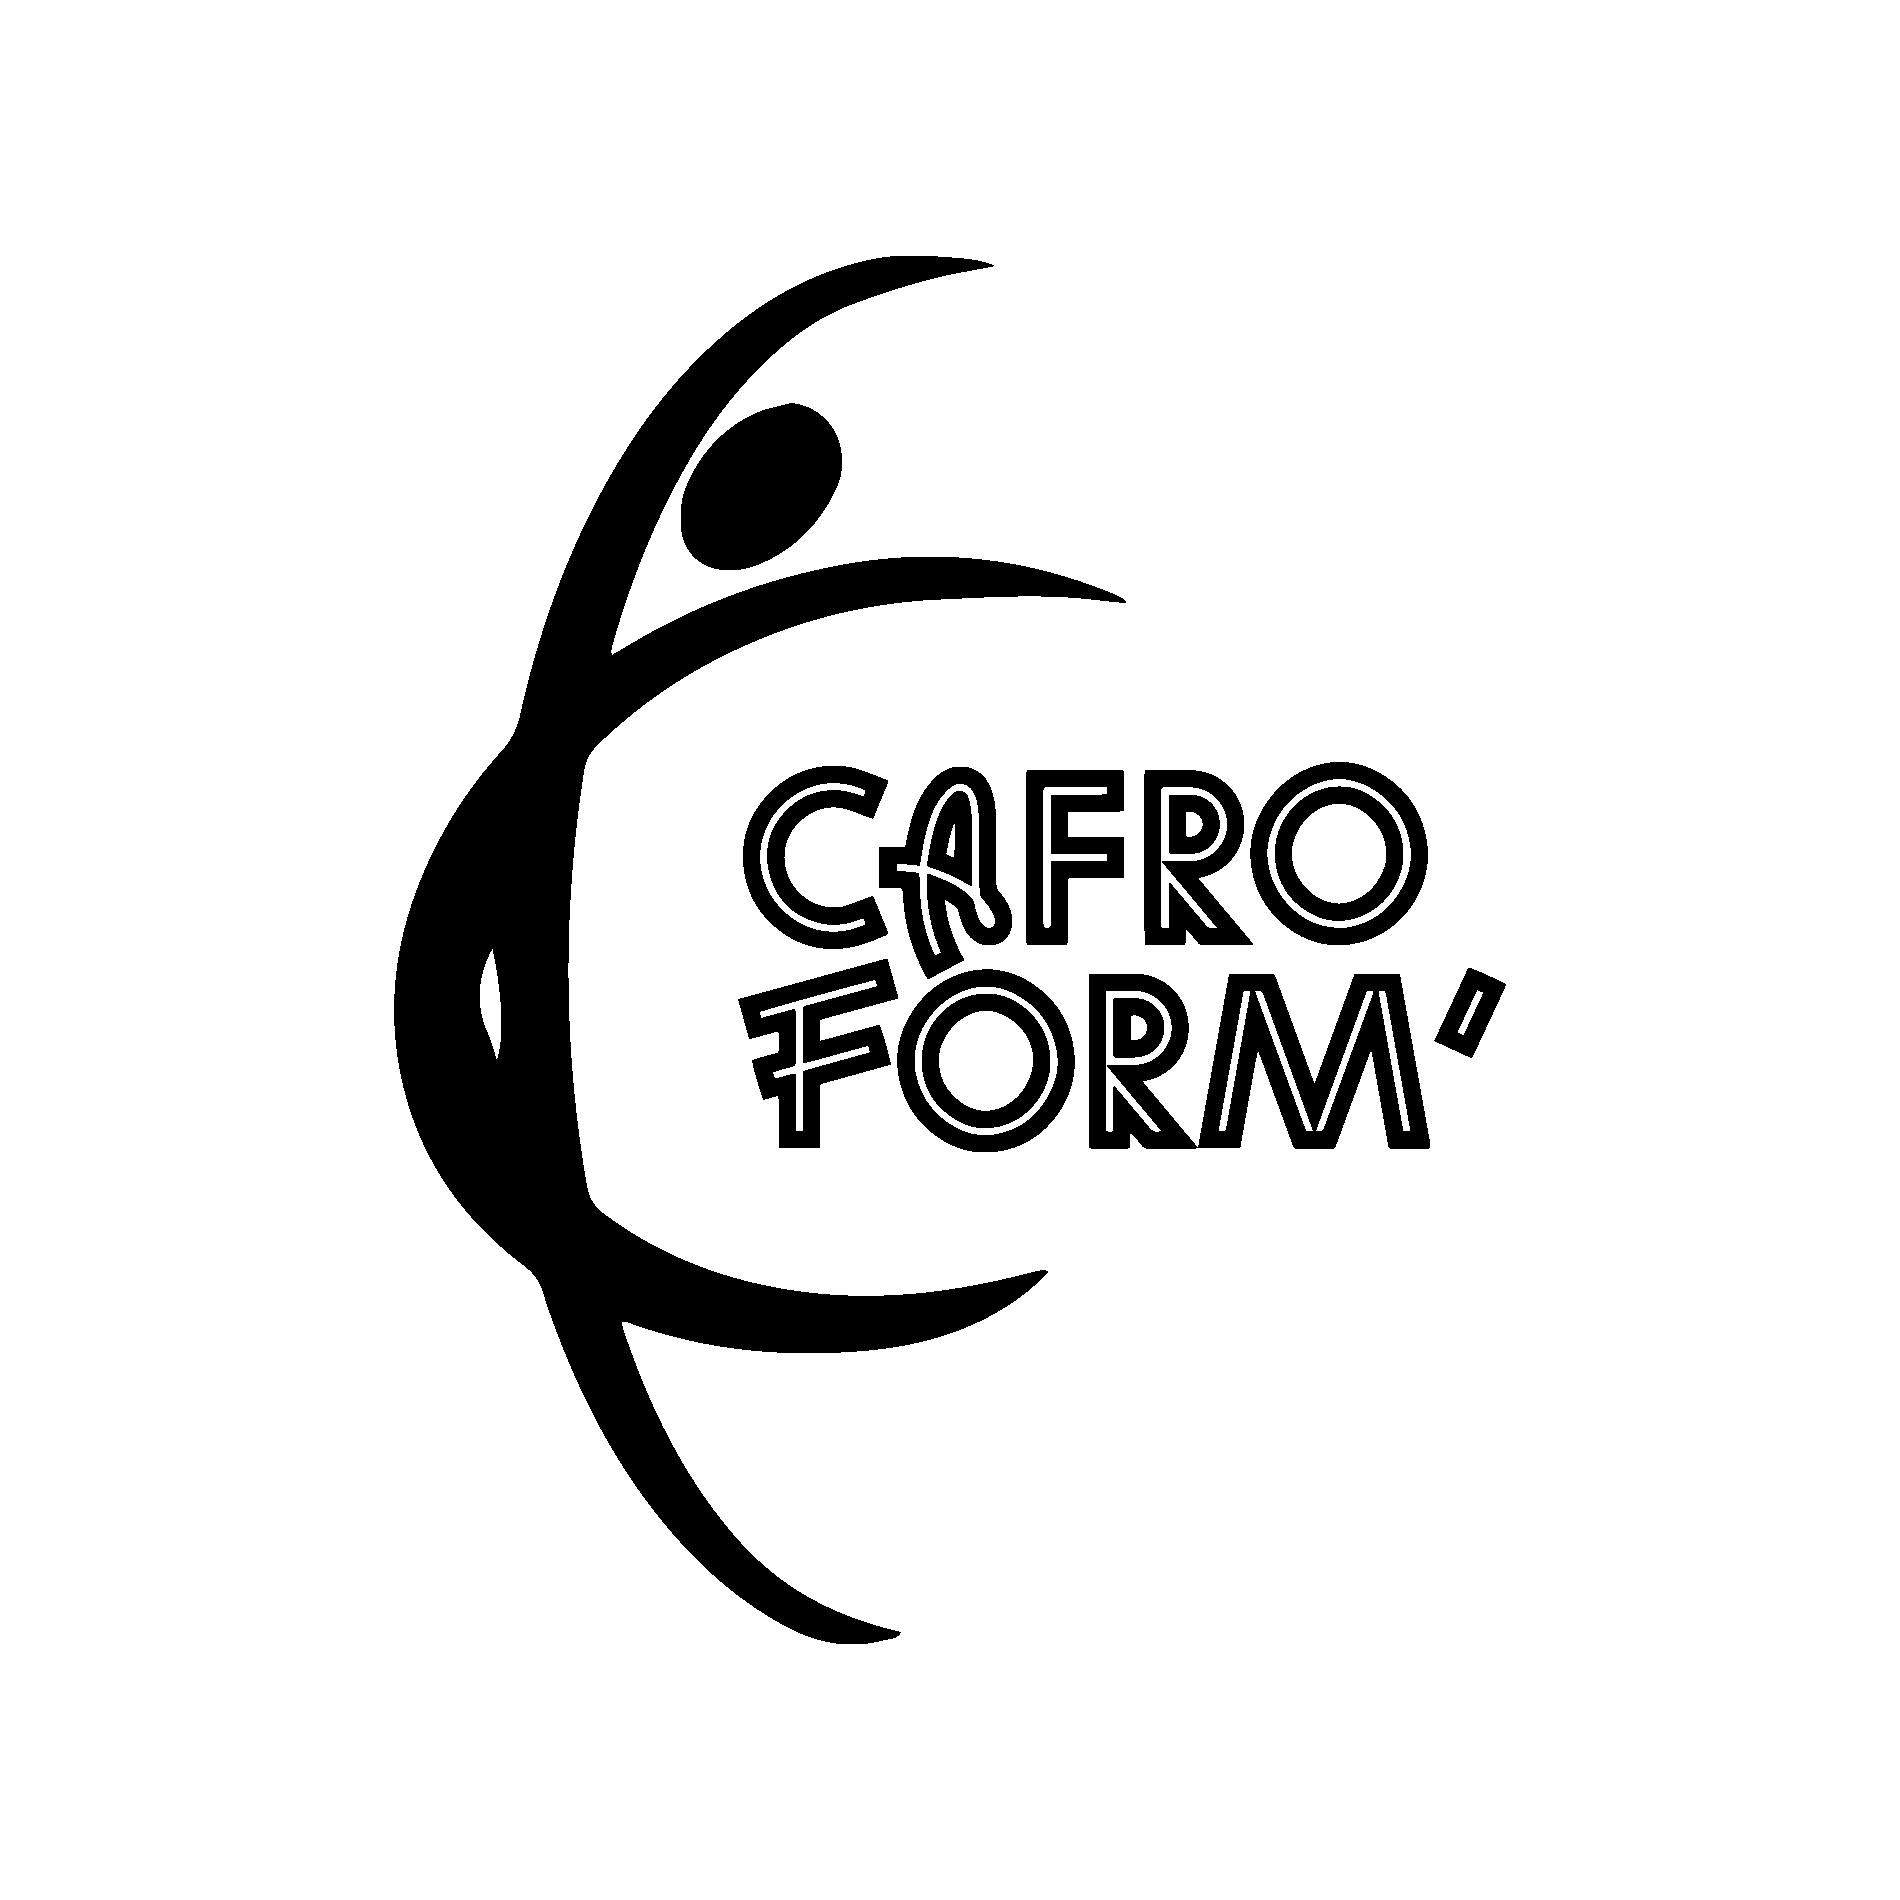 LOGO NOIR CAFROFORM´ KIDS  - MARSEILLE BORDEAUX FITNESS